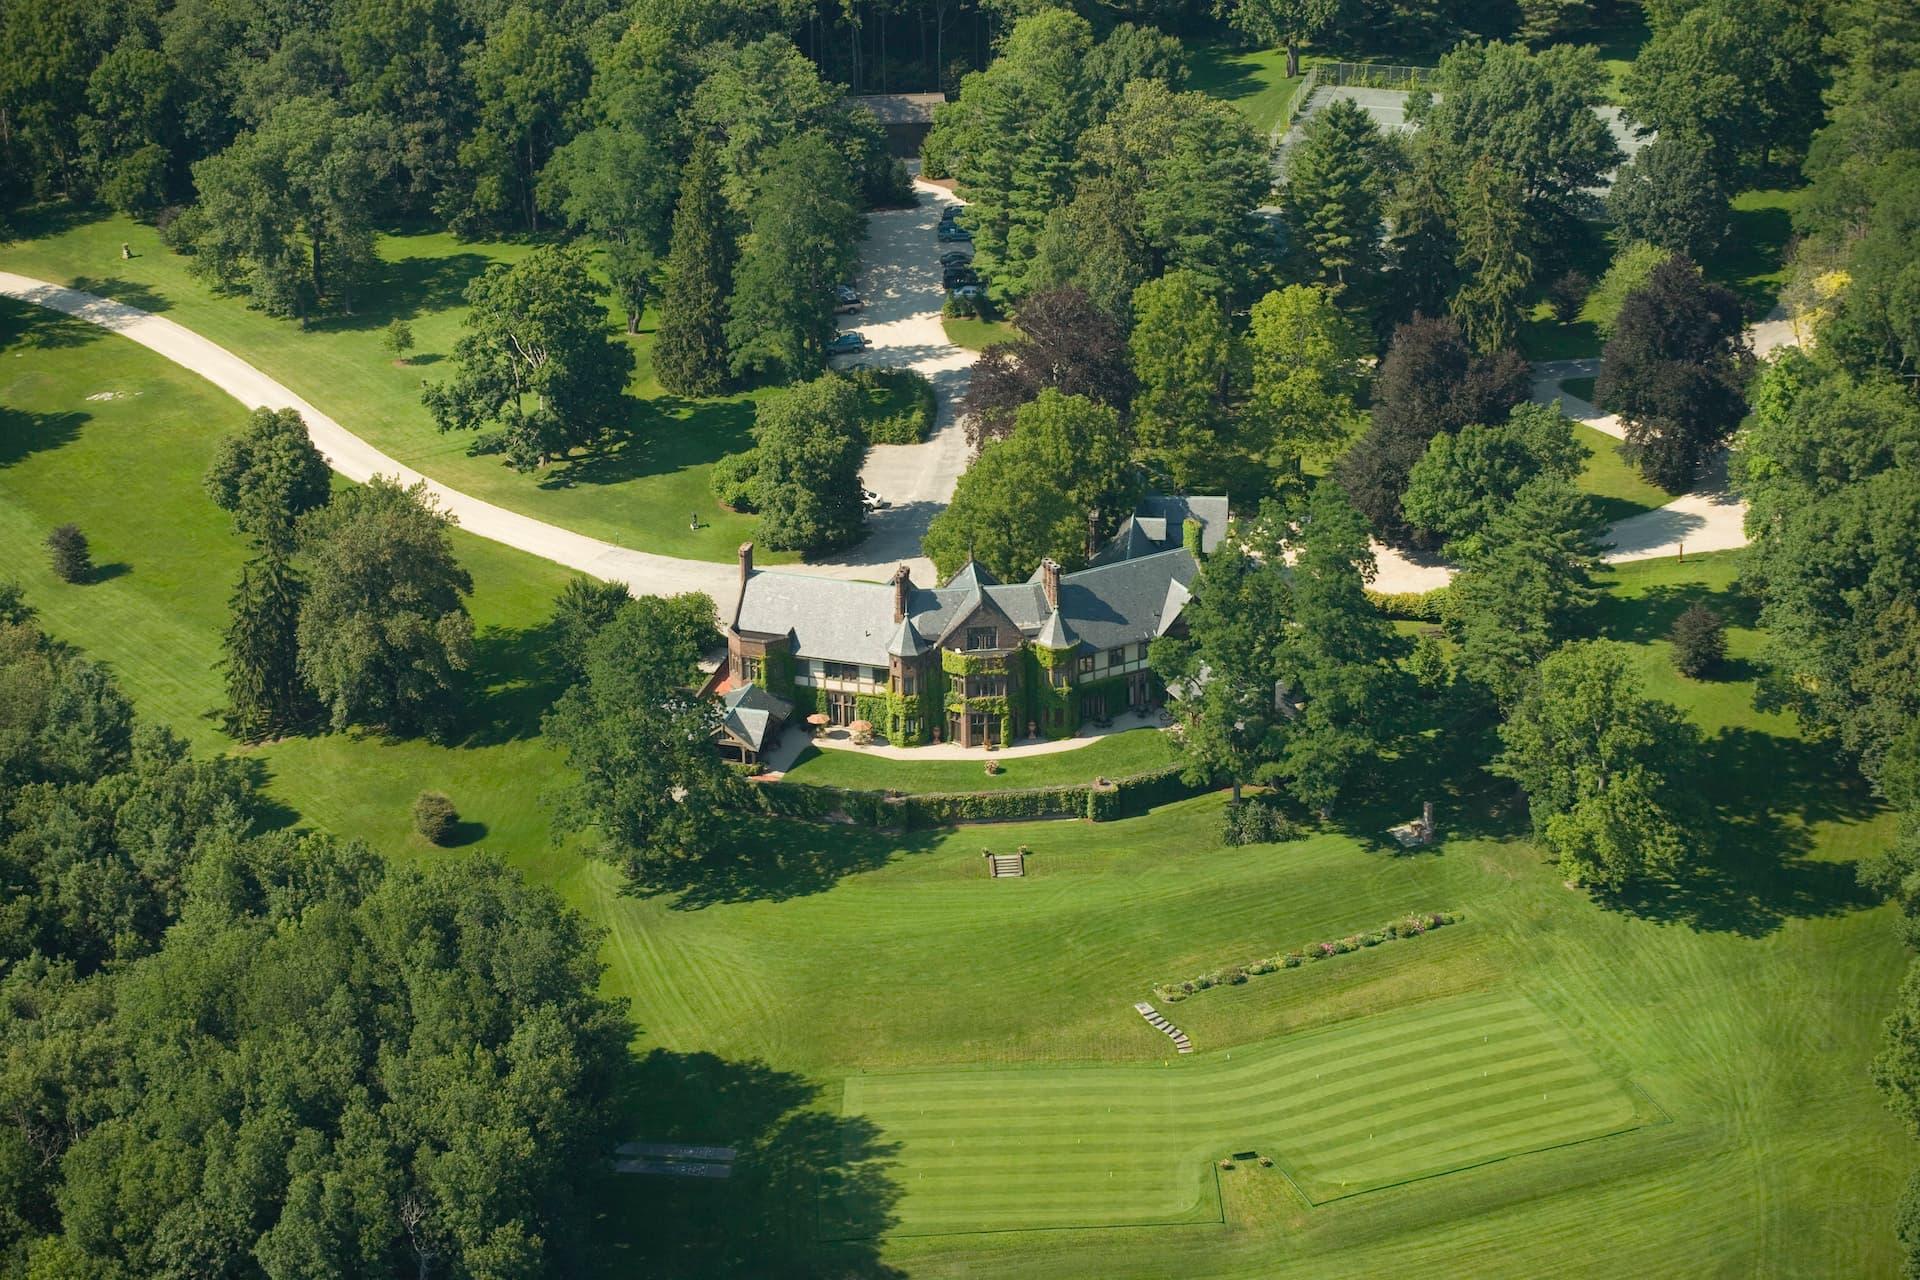 Así es el lujoso hotel Blantyre en Berkshires, entre Nueva York y Boston